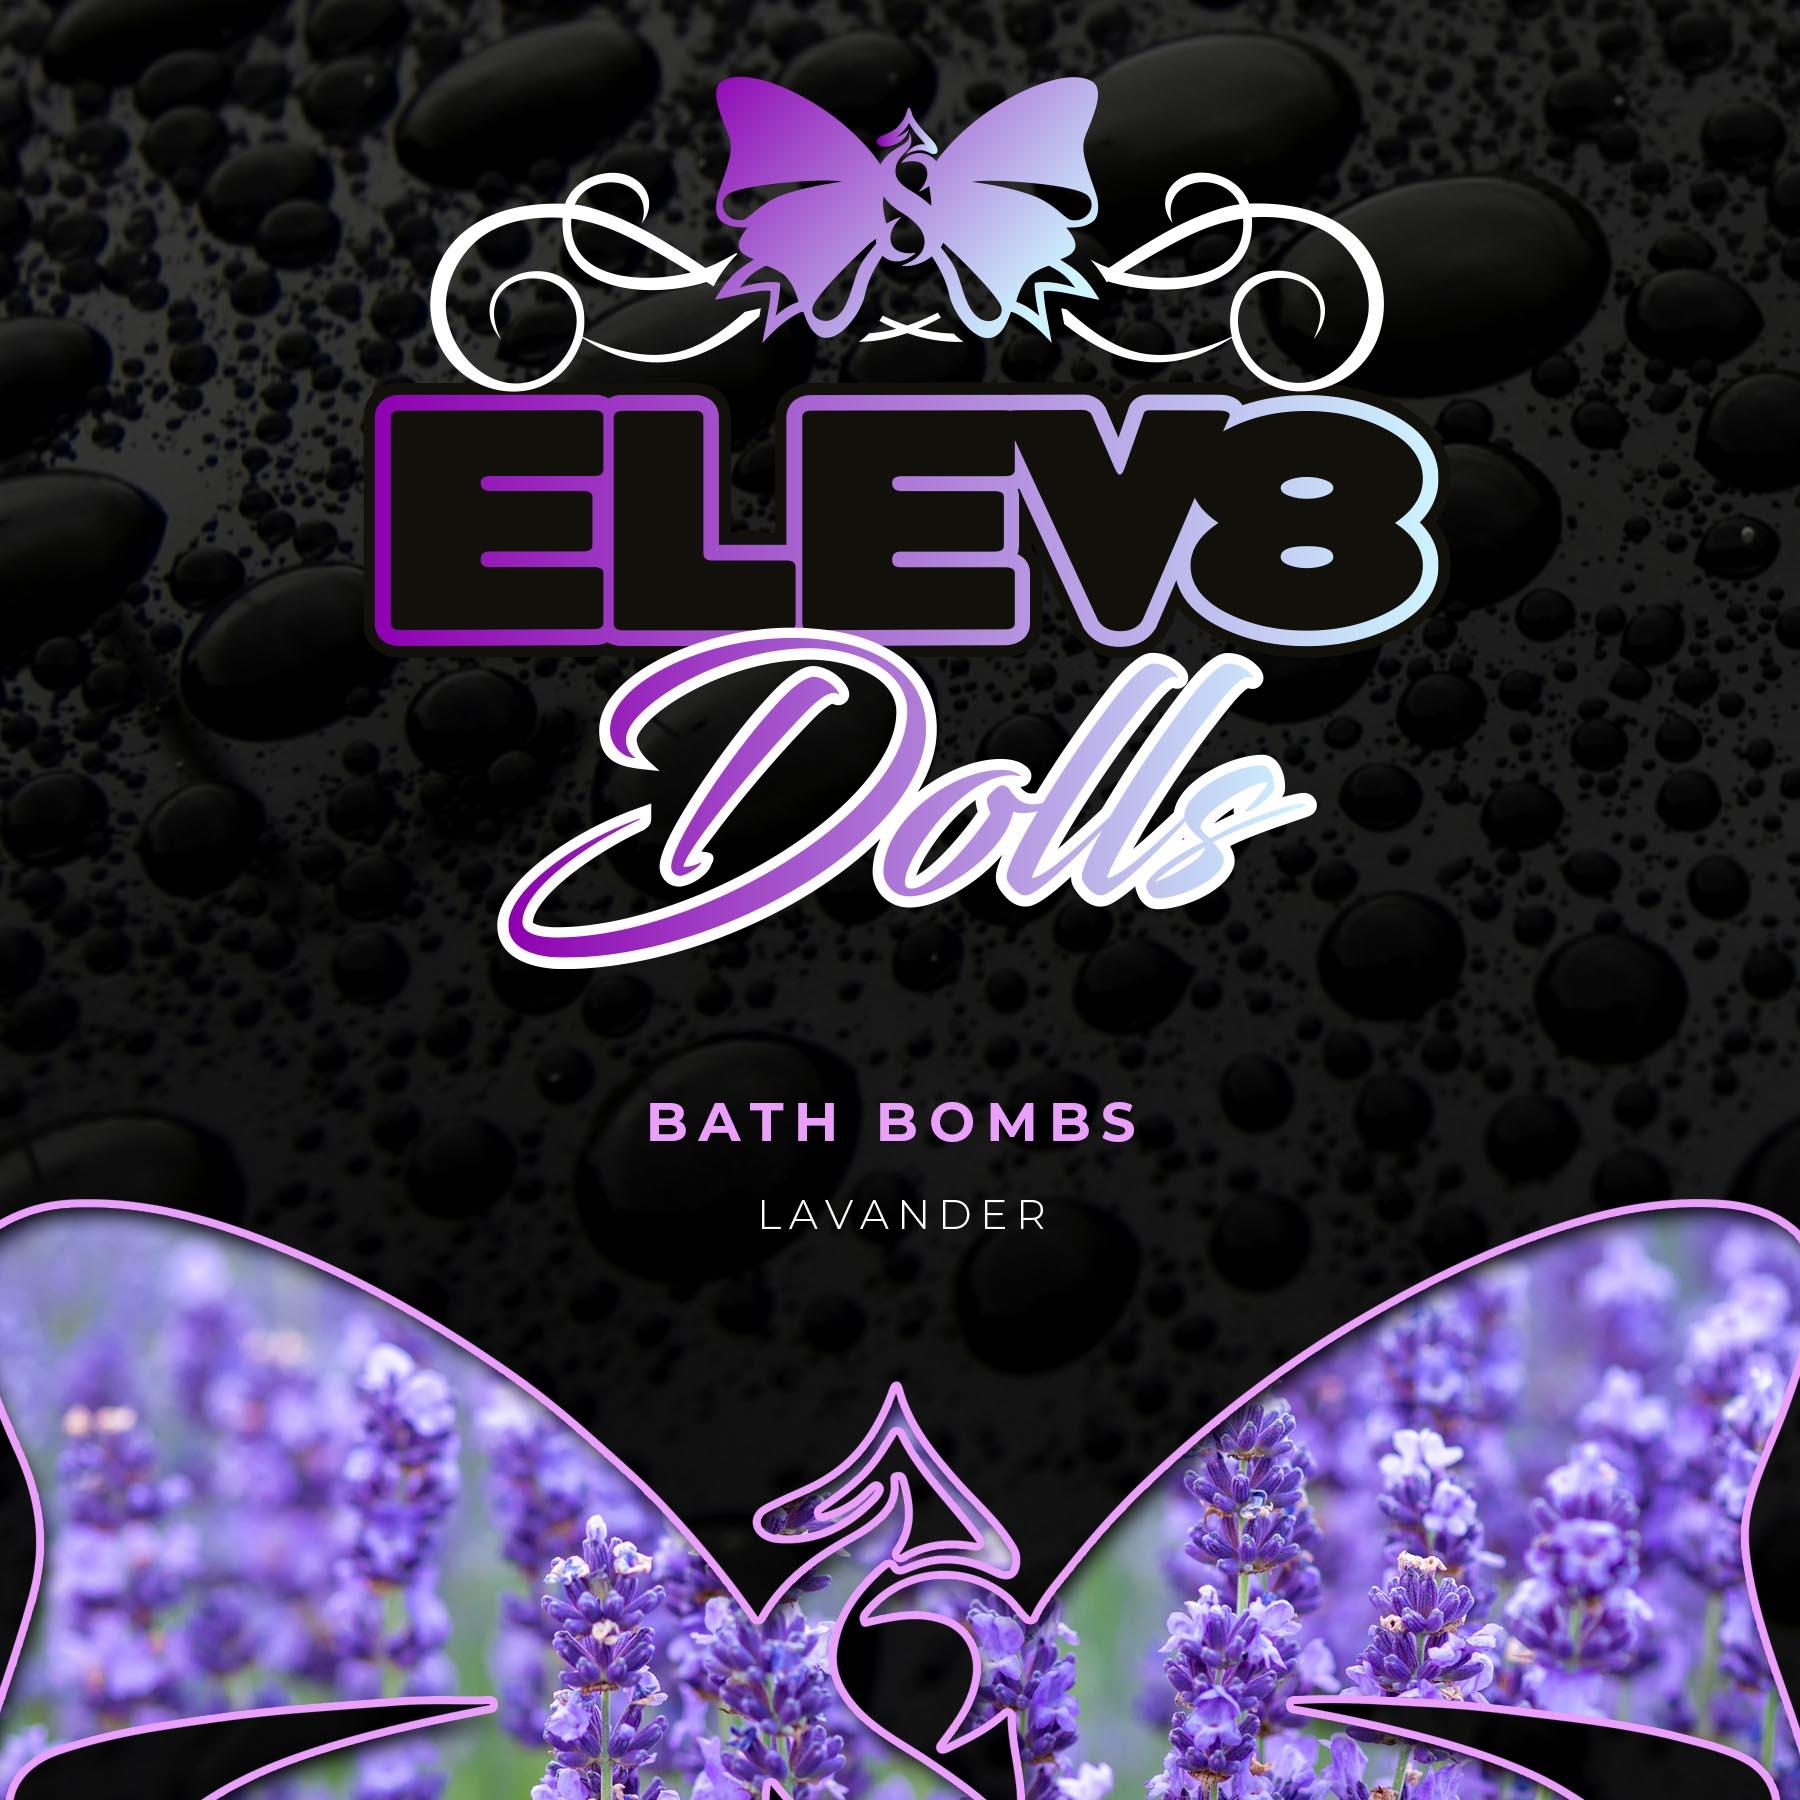 lavender-elev8-doll-bath-bomb.jpg